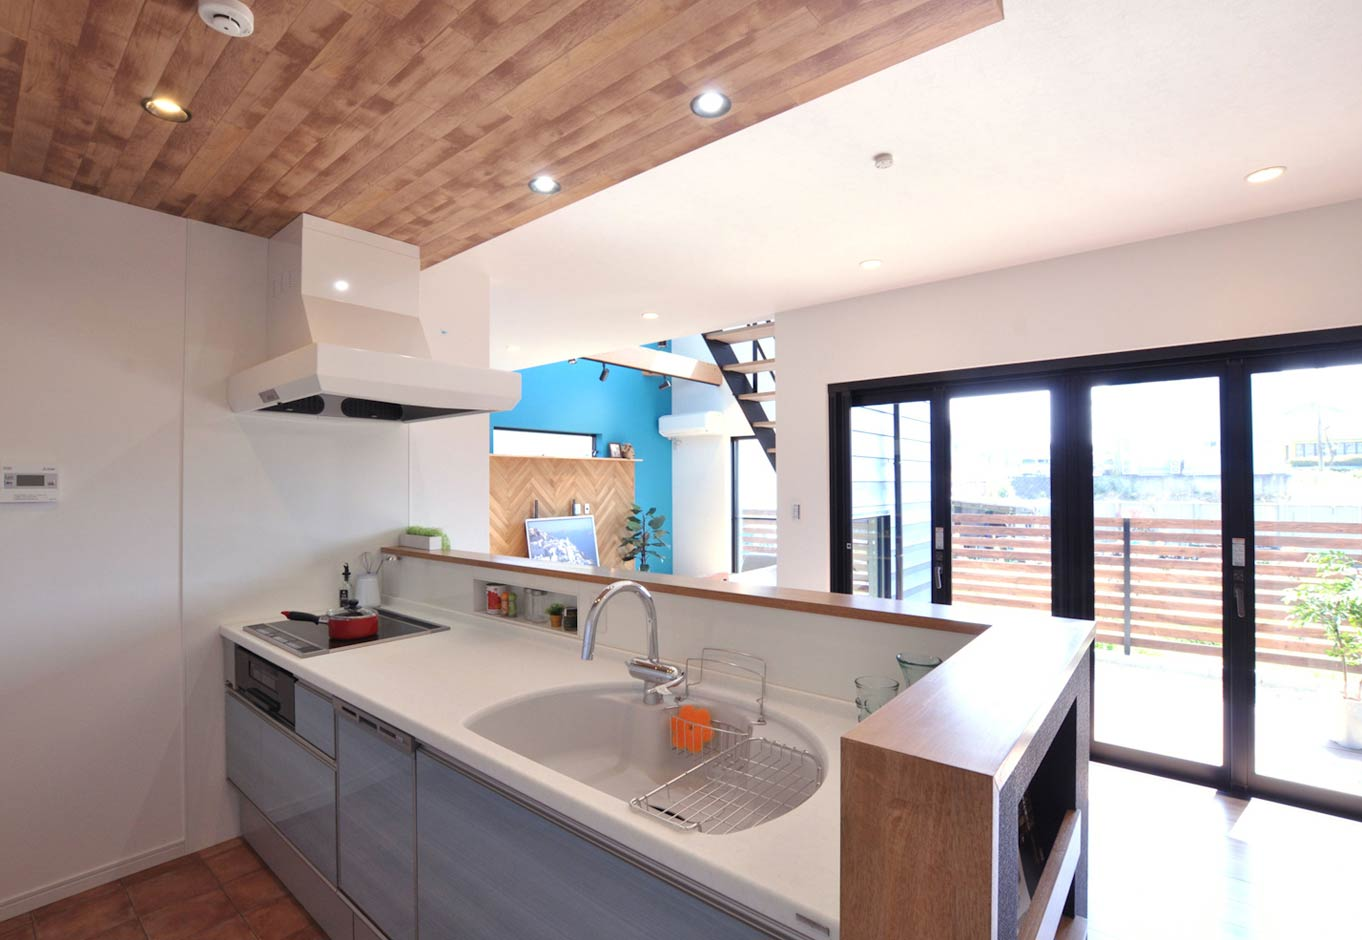 LDKとウッドデッキをつなぐ窓は、折れ戸式のフルオープンサッシを採用。キッチンから遠くまで目線が抜けて開放感抜群。天井は木目調のクロス